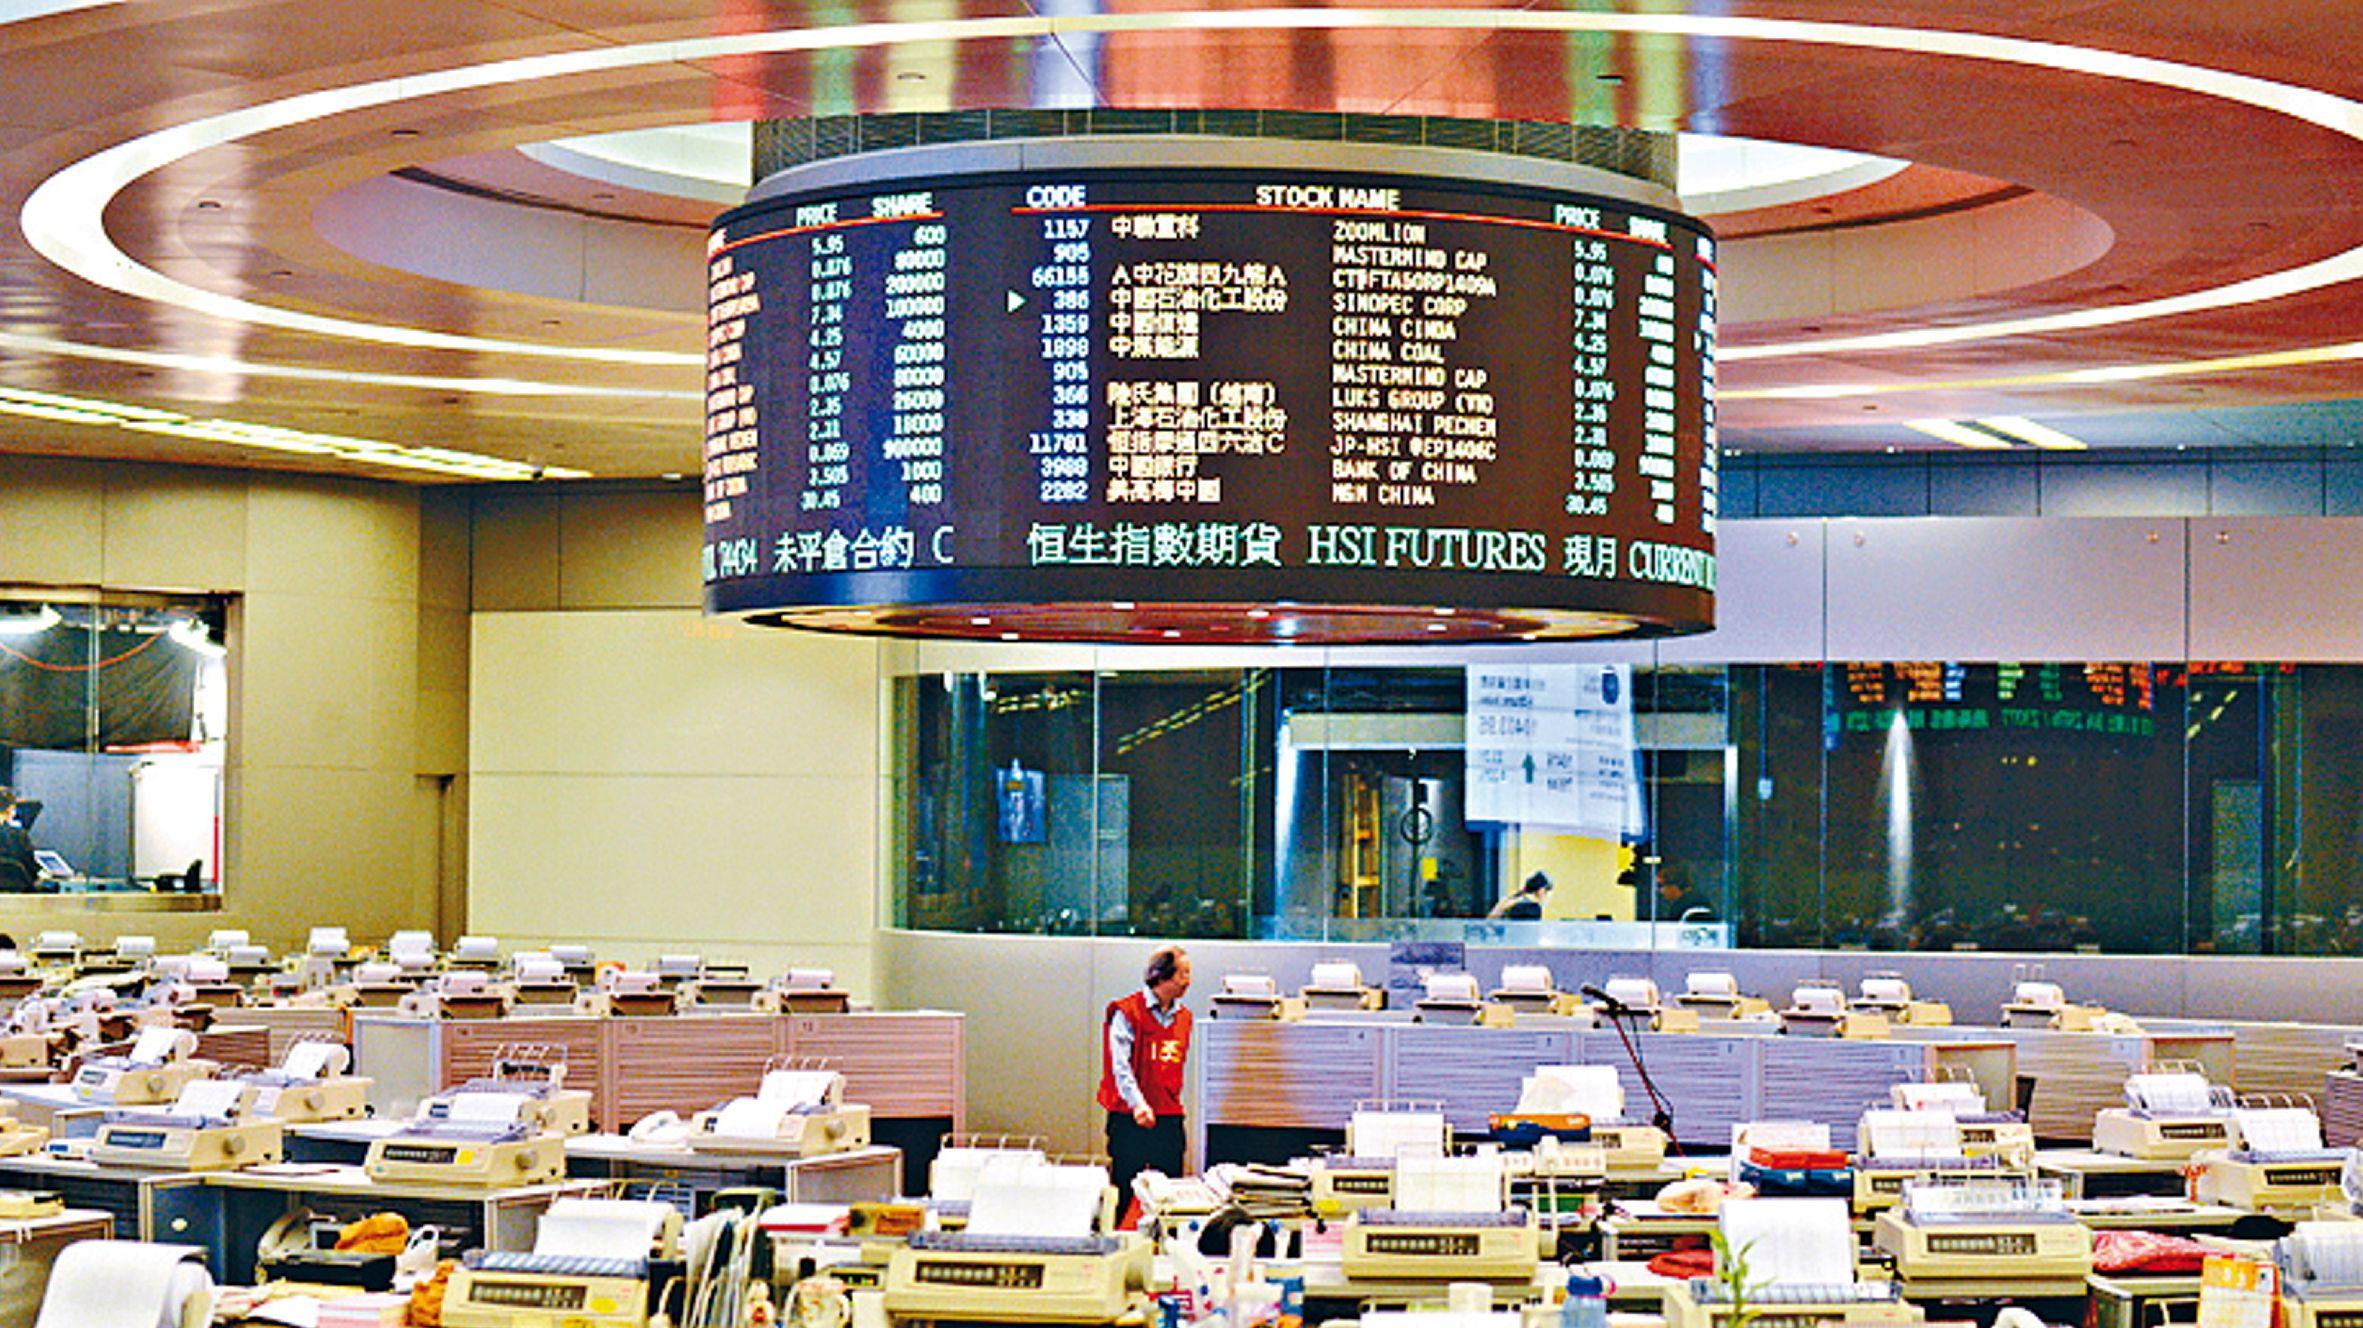 Innenansicht der Börse in Hongkong